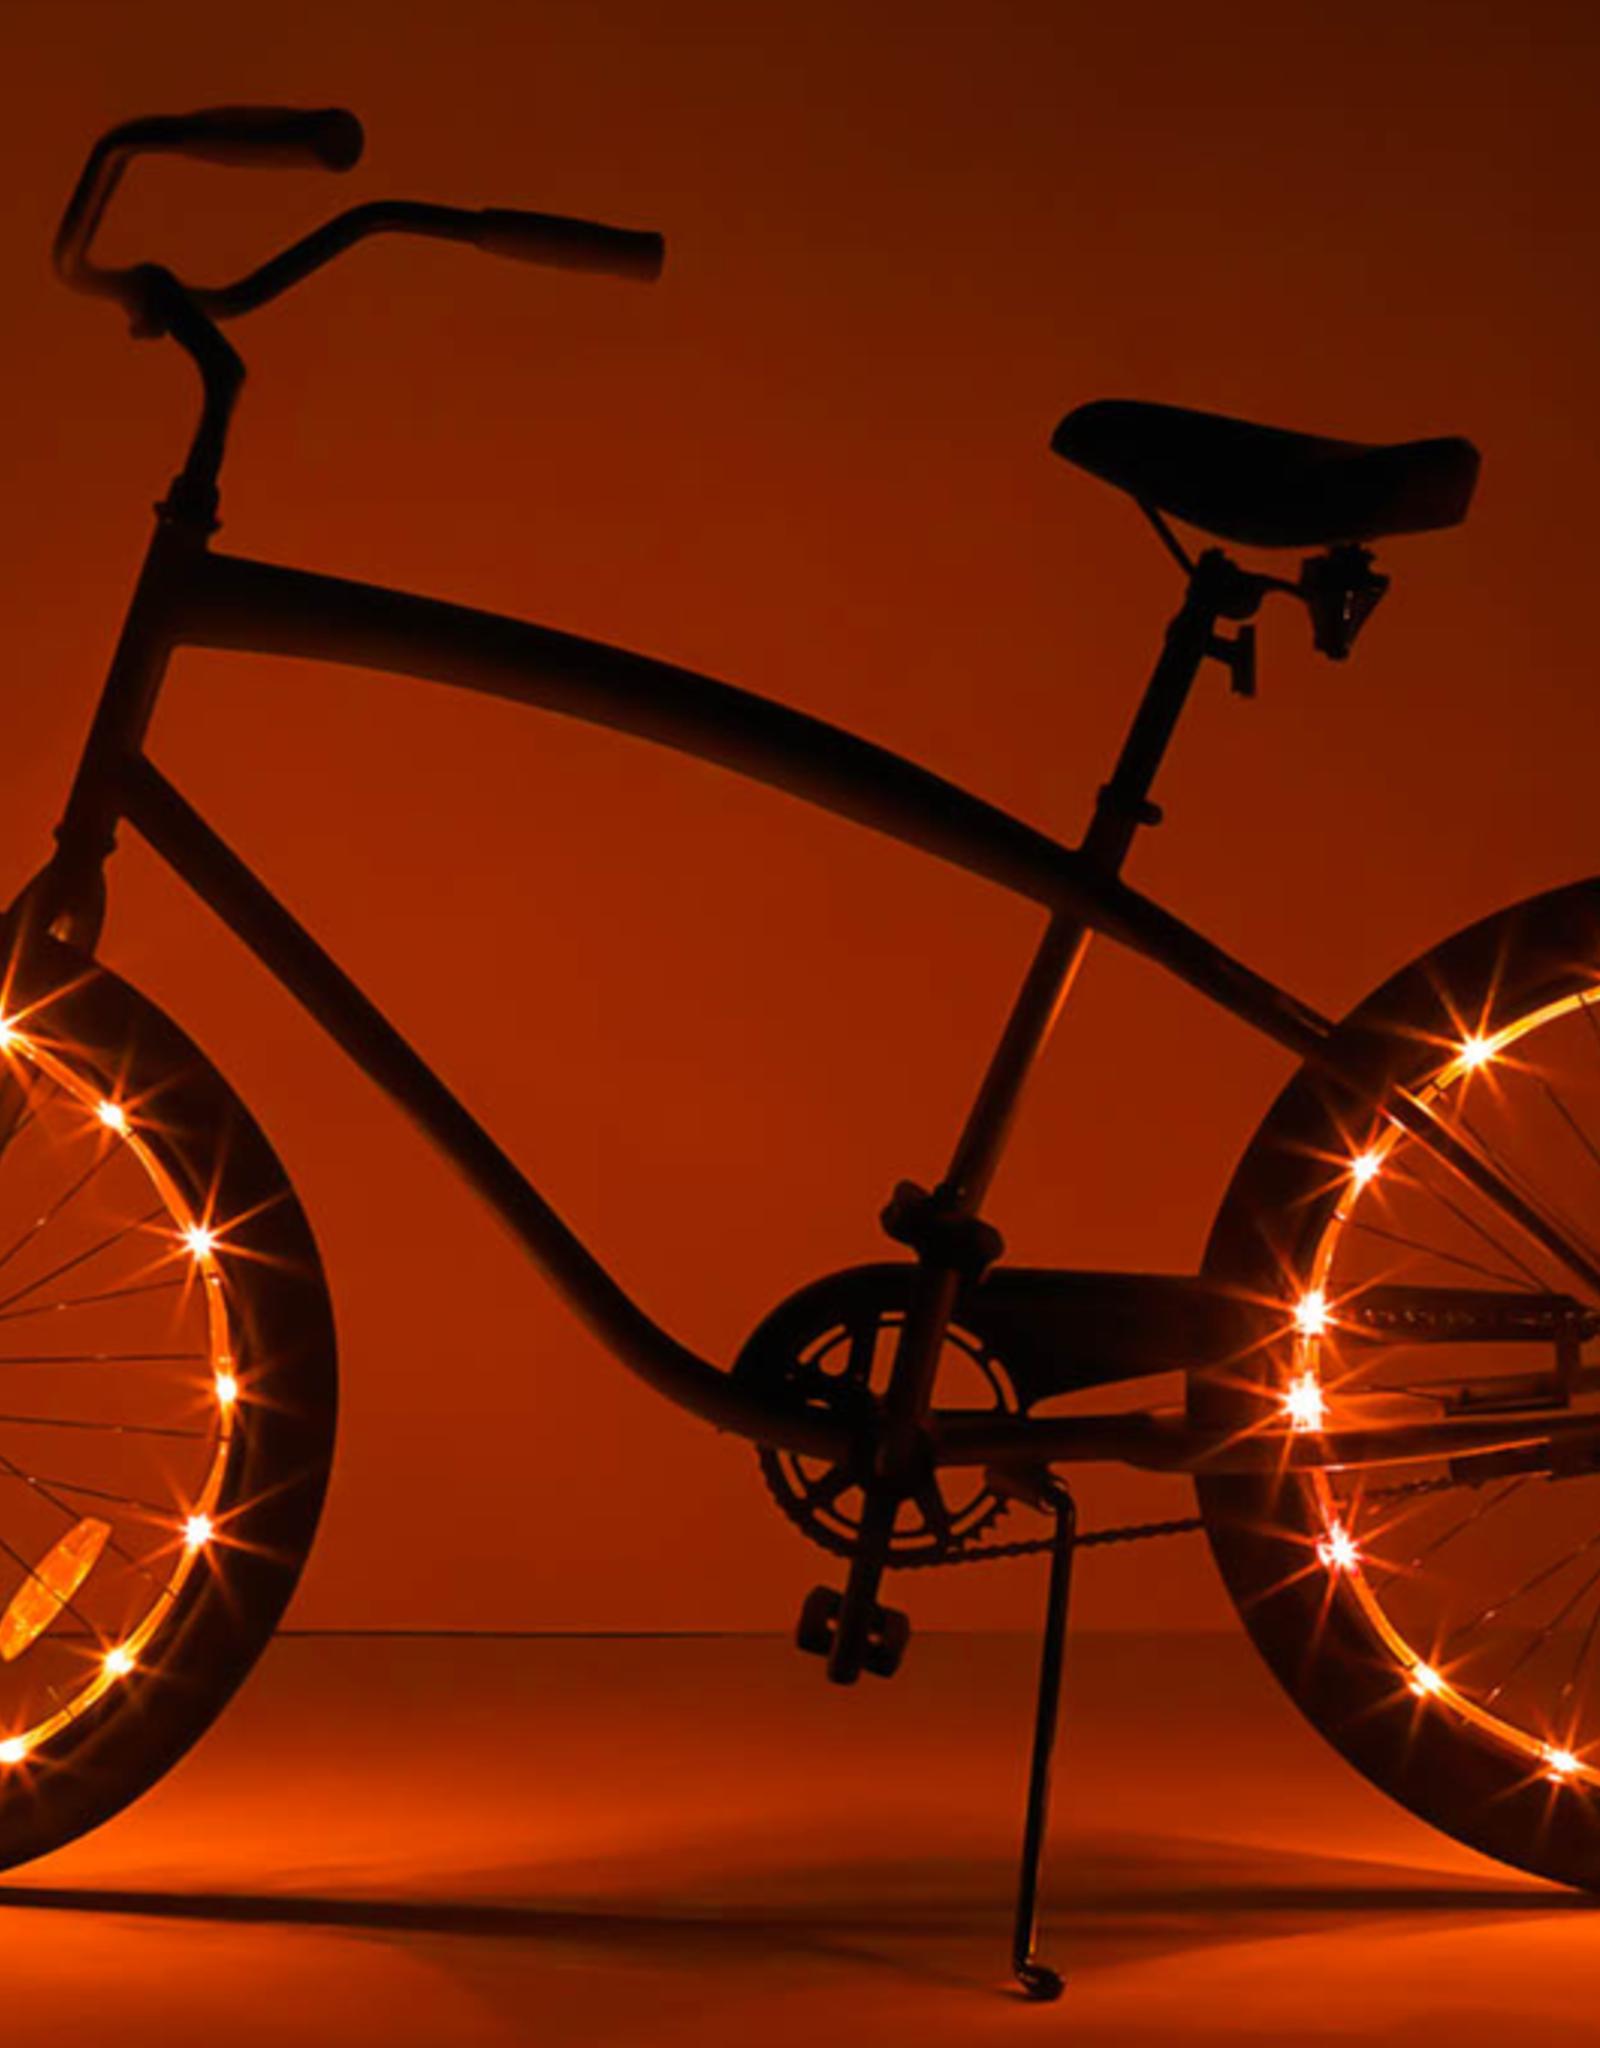 Brightz, Ltd. Wheel Brightz LED Lights Orange (ONE WHEEL)